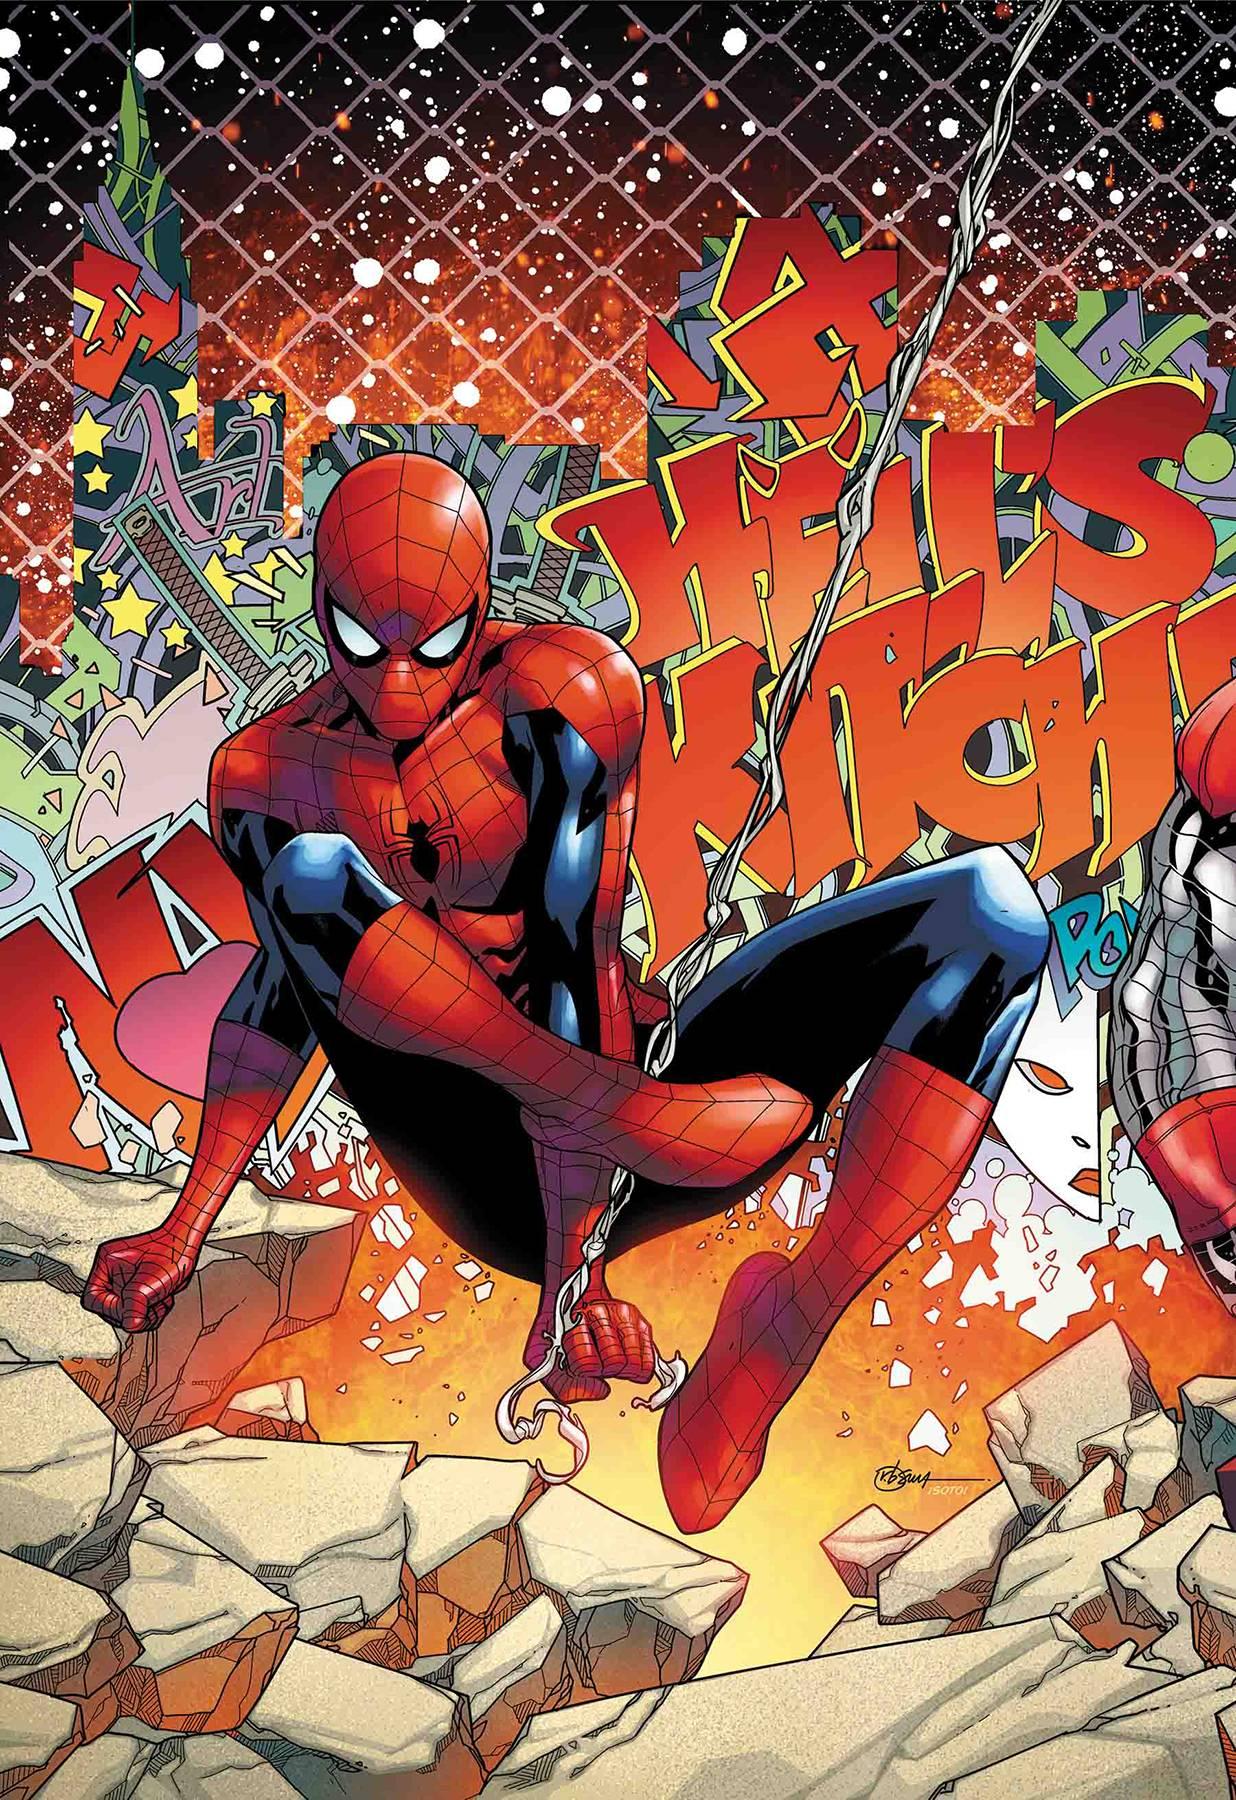 TYPHOID FEVER: SPIDER-MAN #1